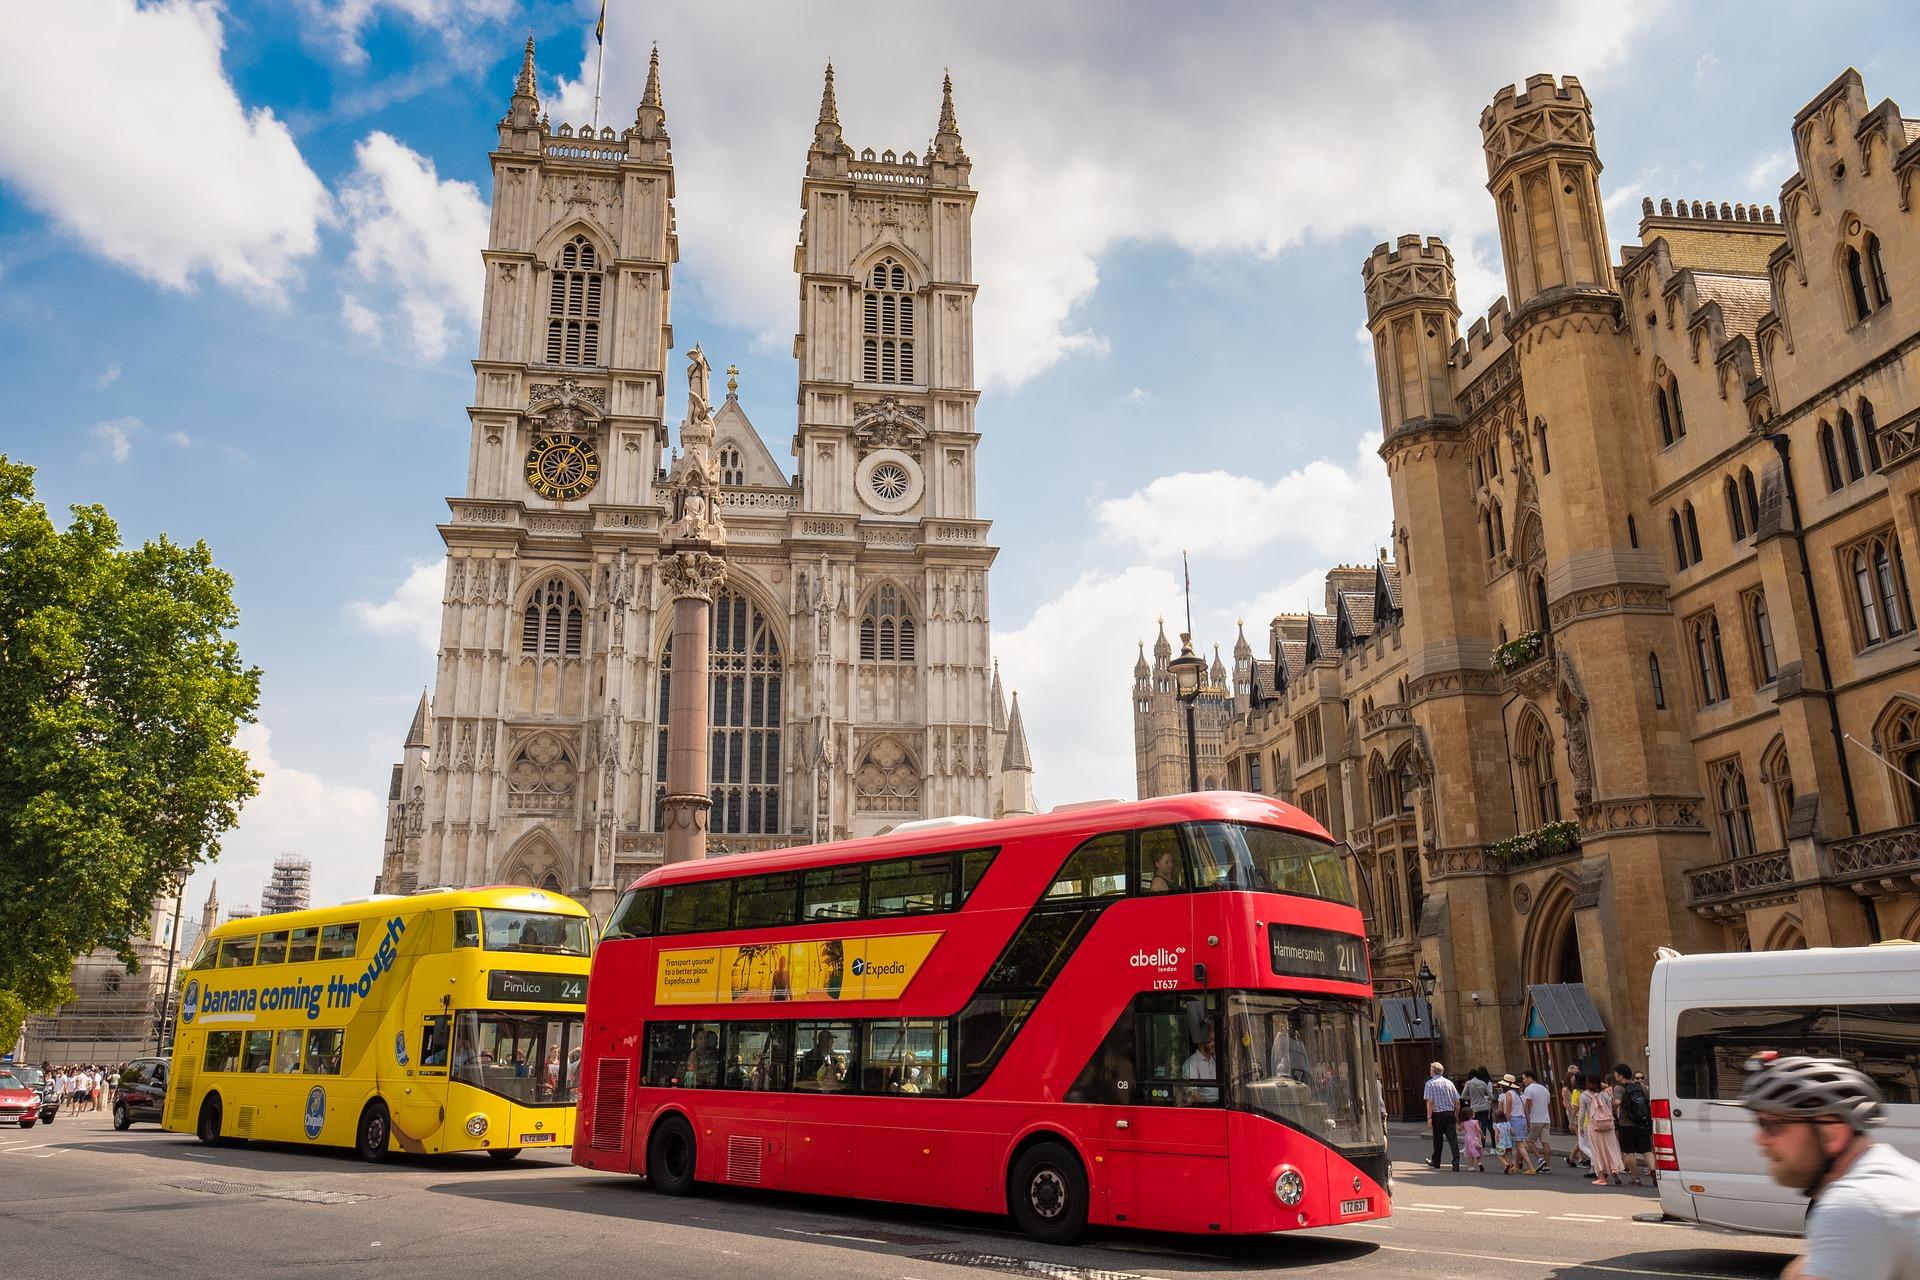 london-3582649_1920.jpg